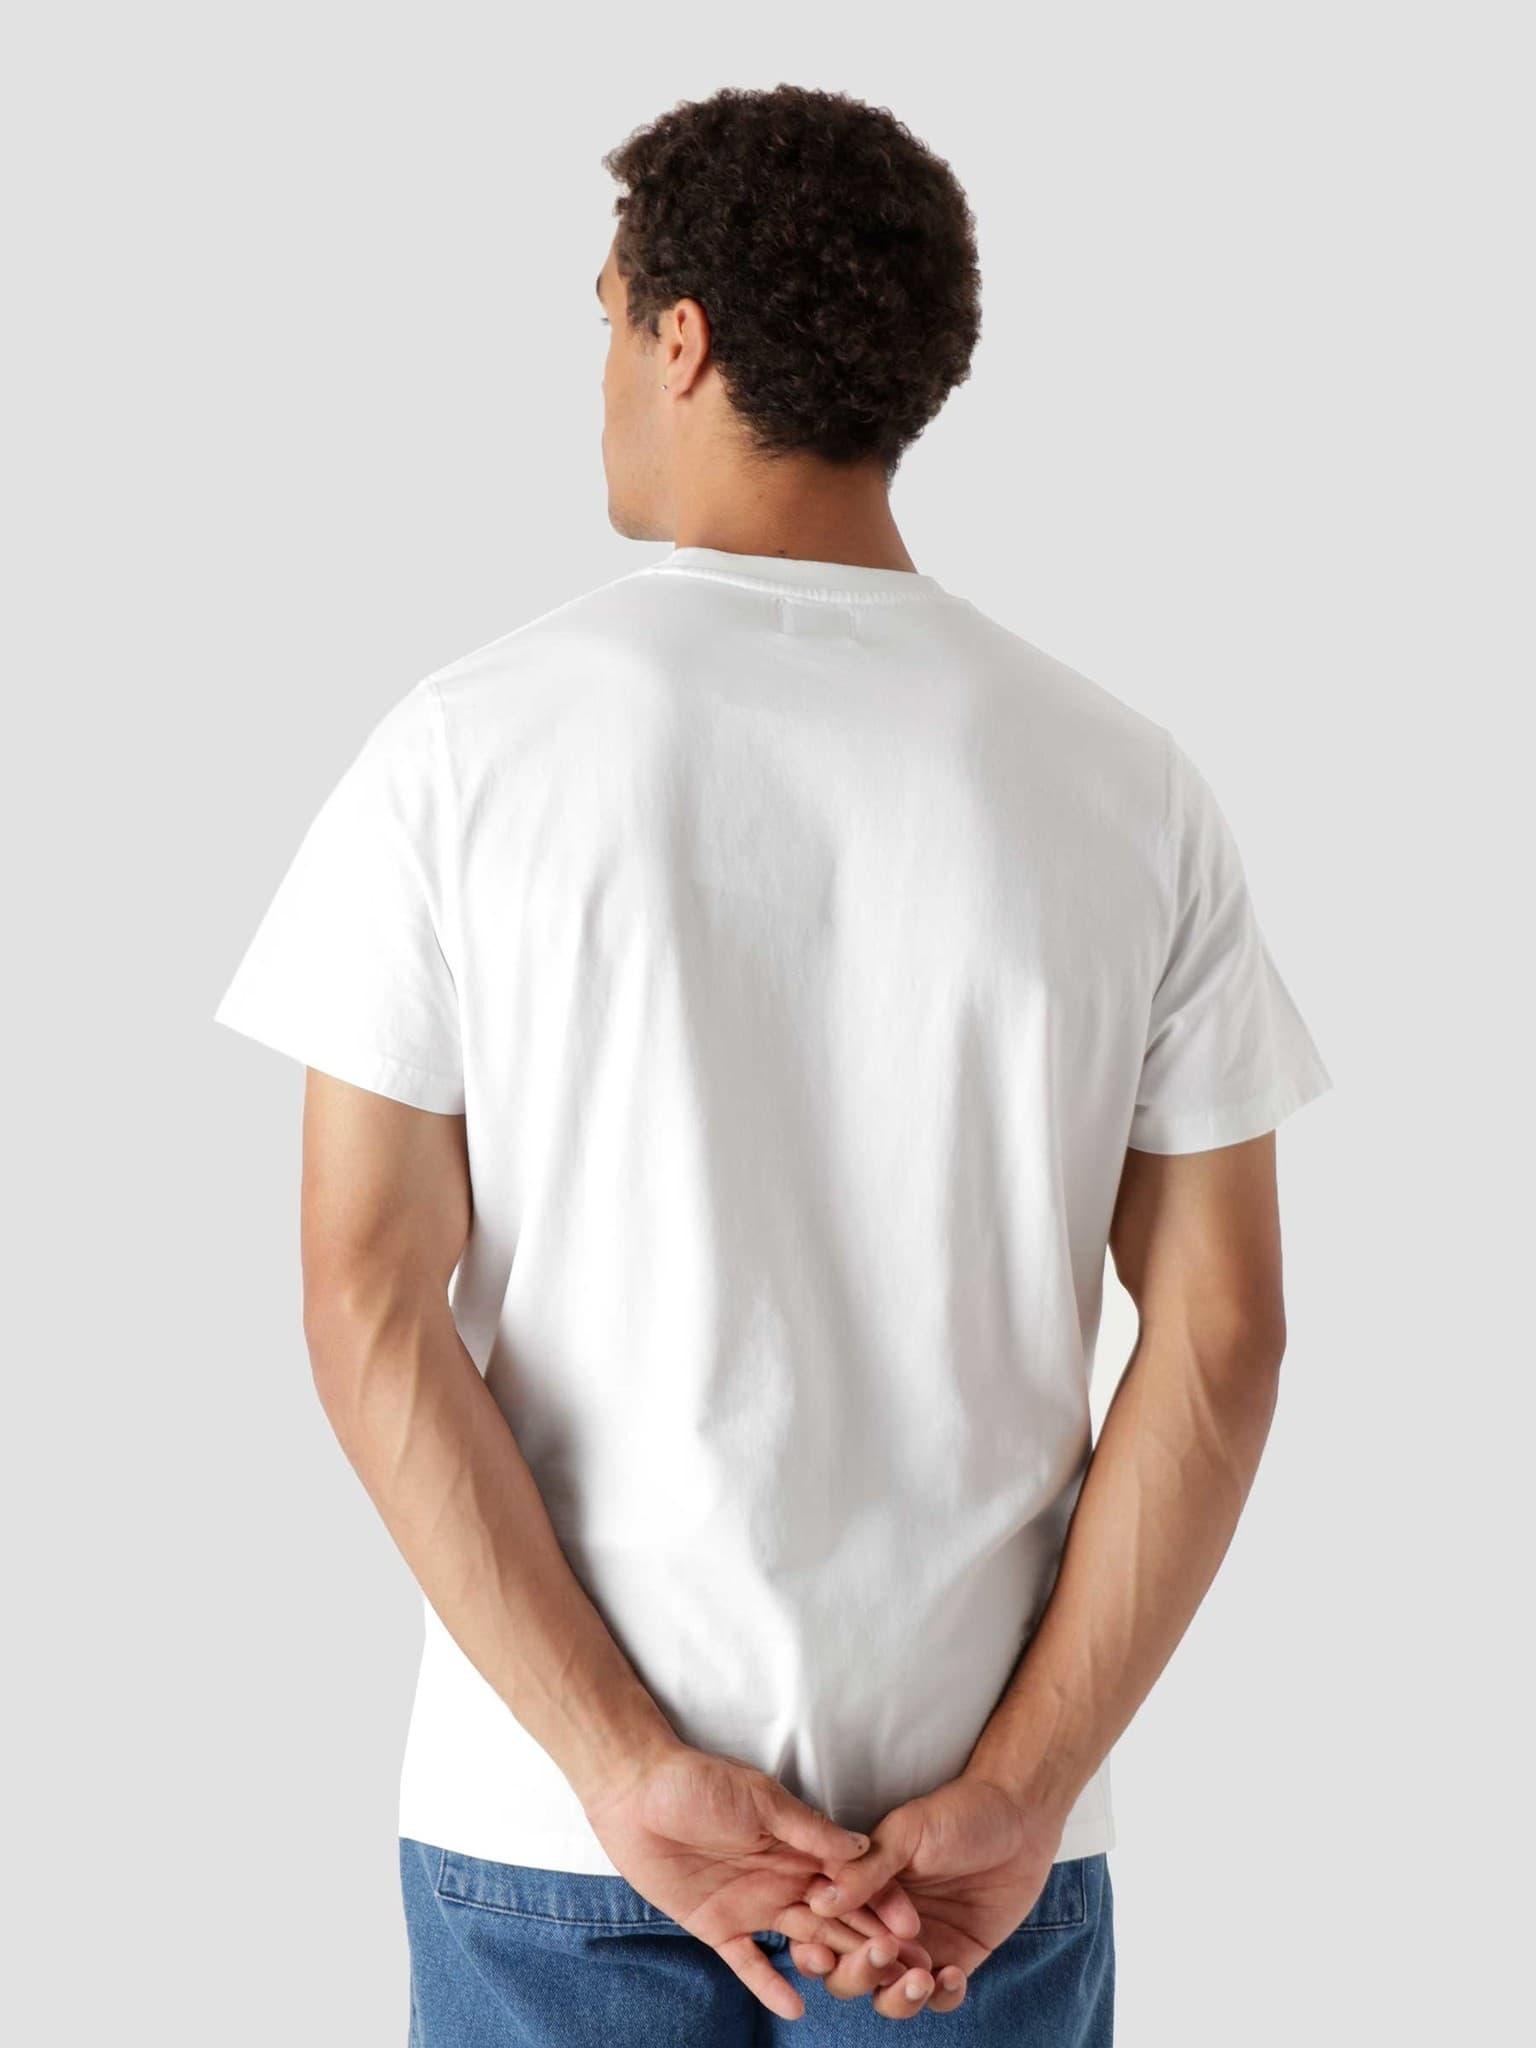 Tissot Logo T-Shirt White AW21-062T